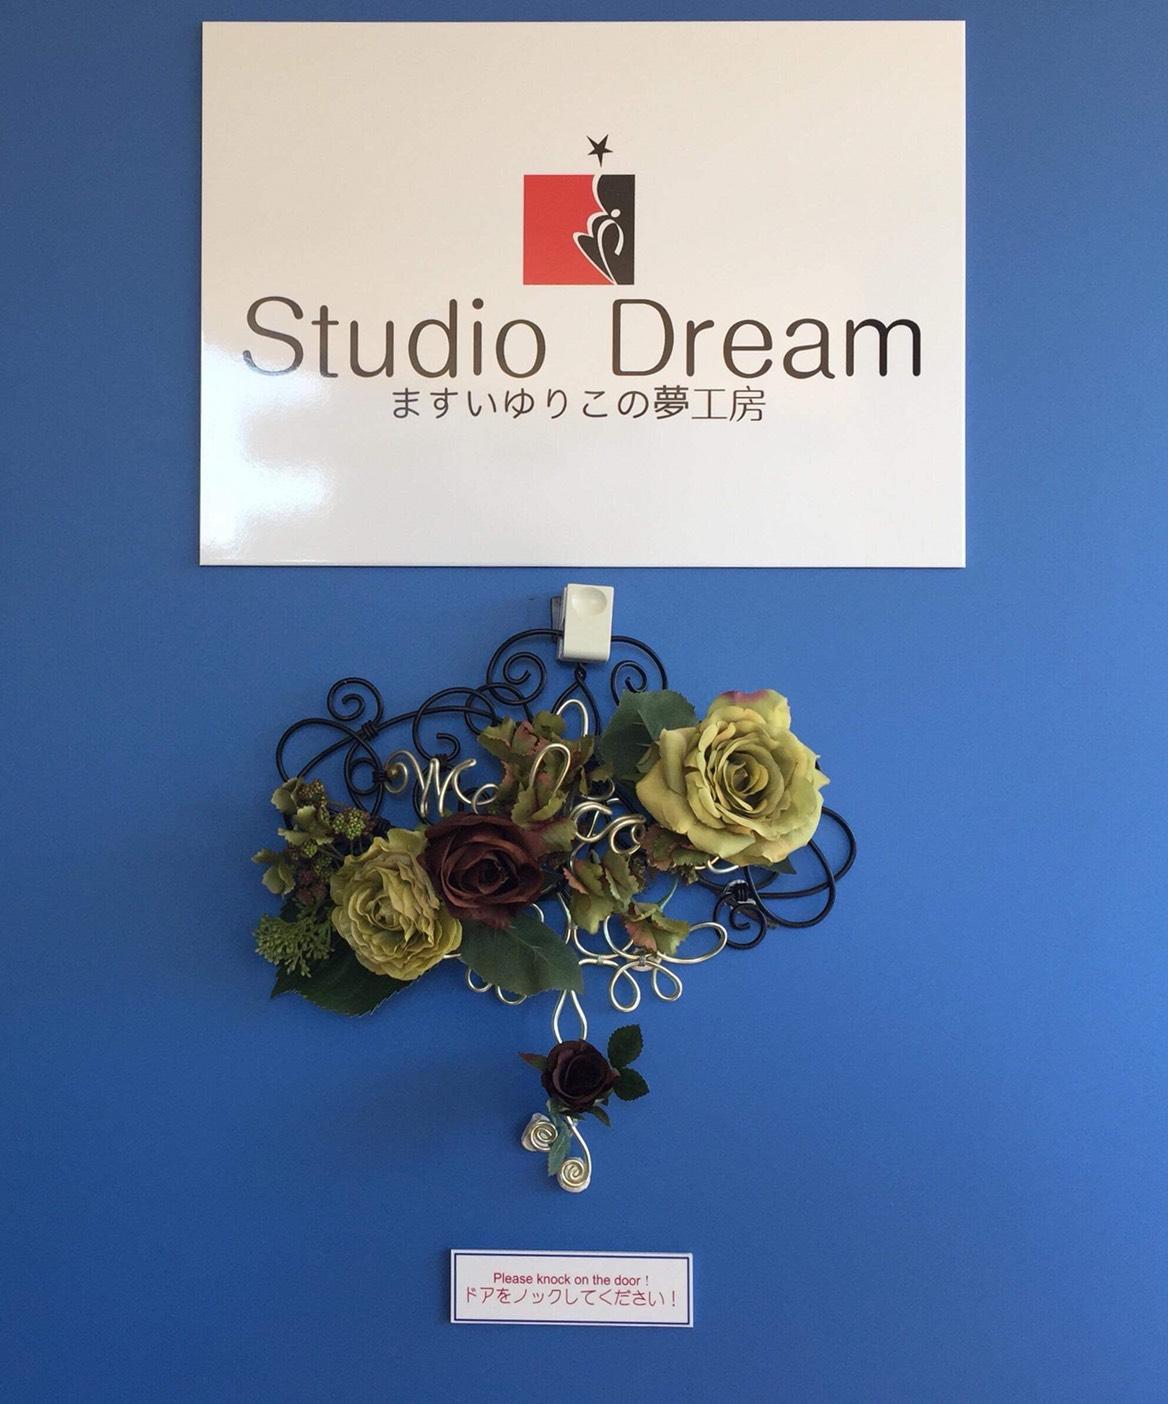 ますいゆりこの夢工房 Studio Dream